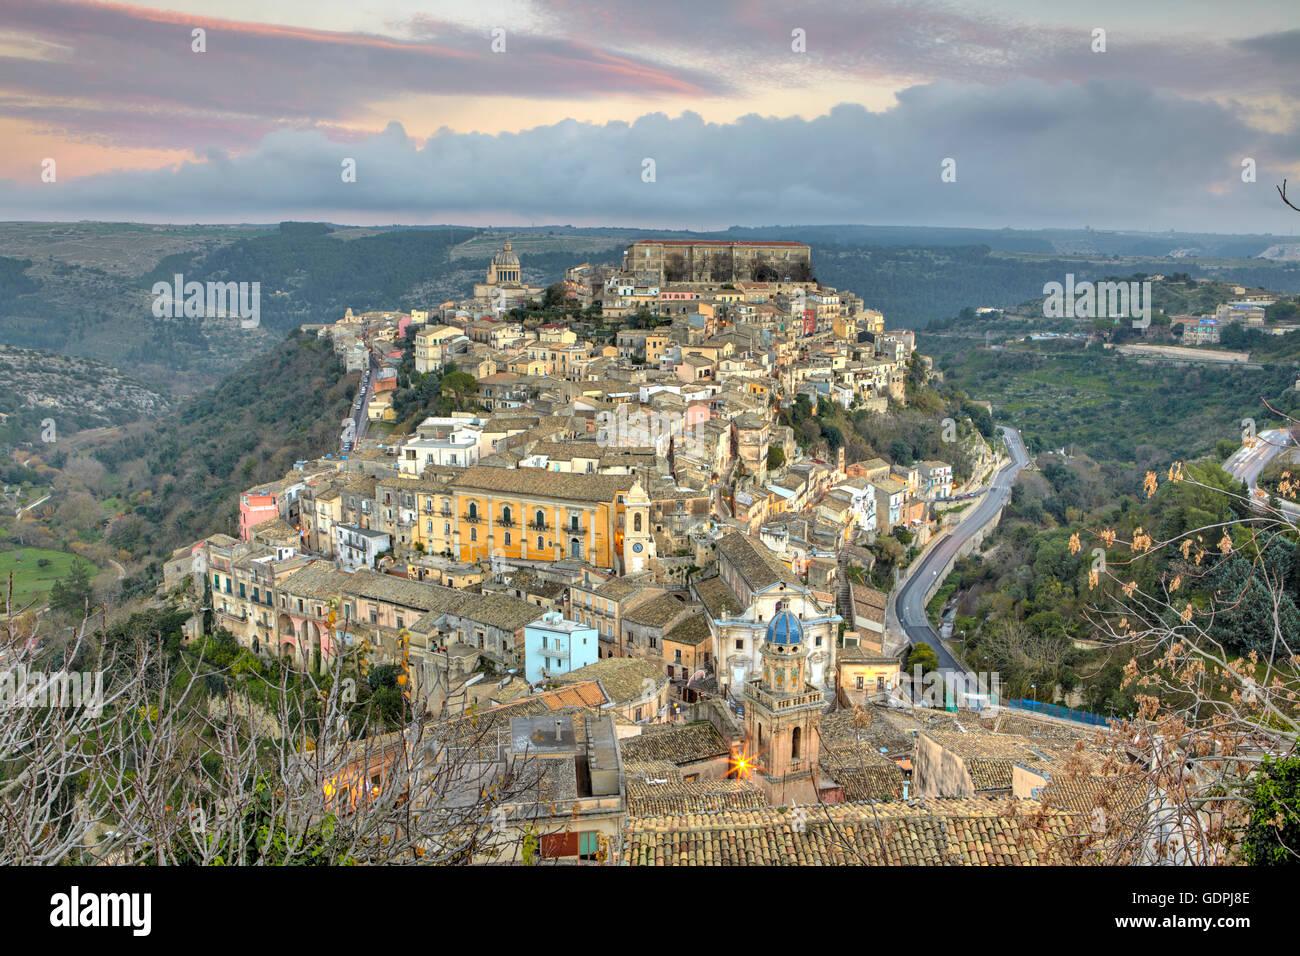 La ville de Ragusa Ibla, au crépuscule, en Sicile, Italie Photo Stock